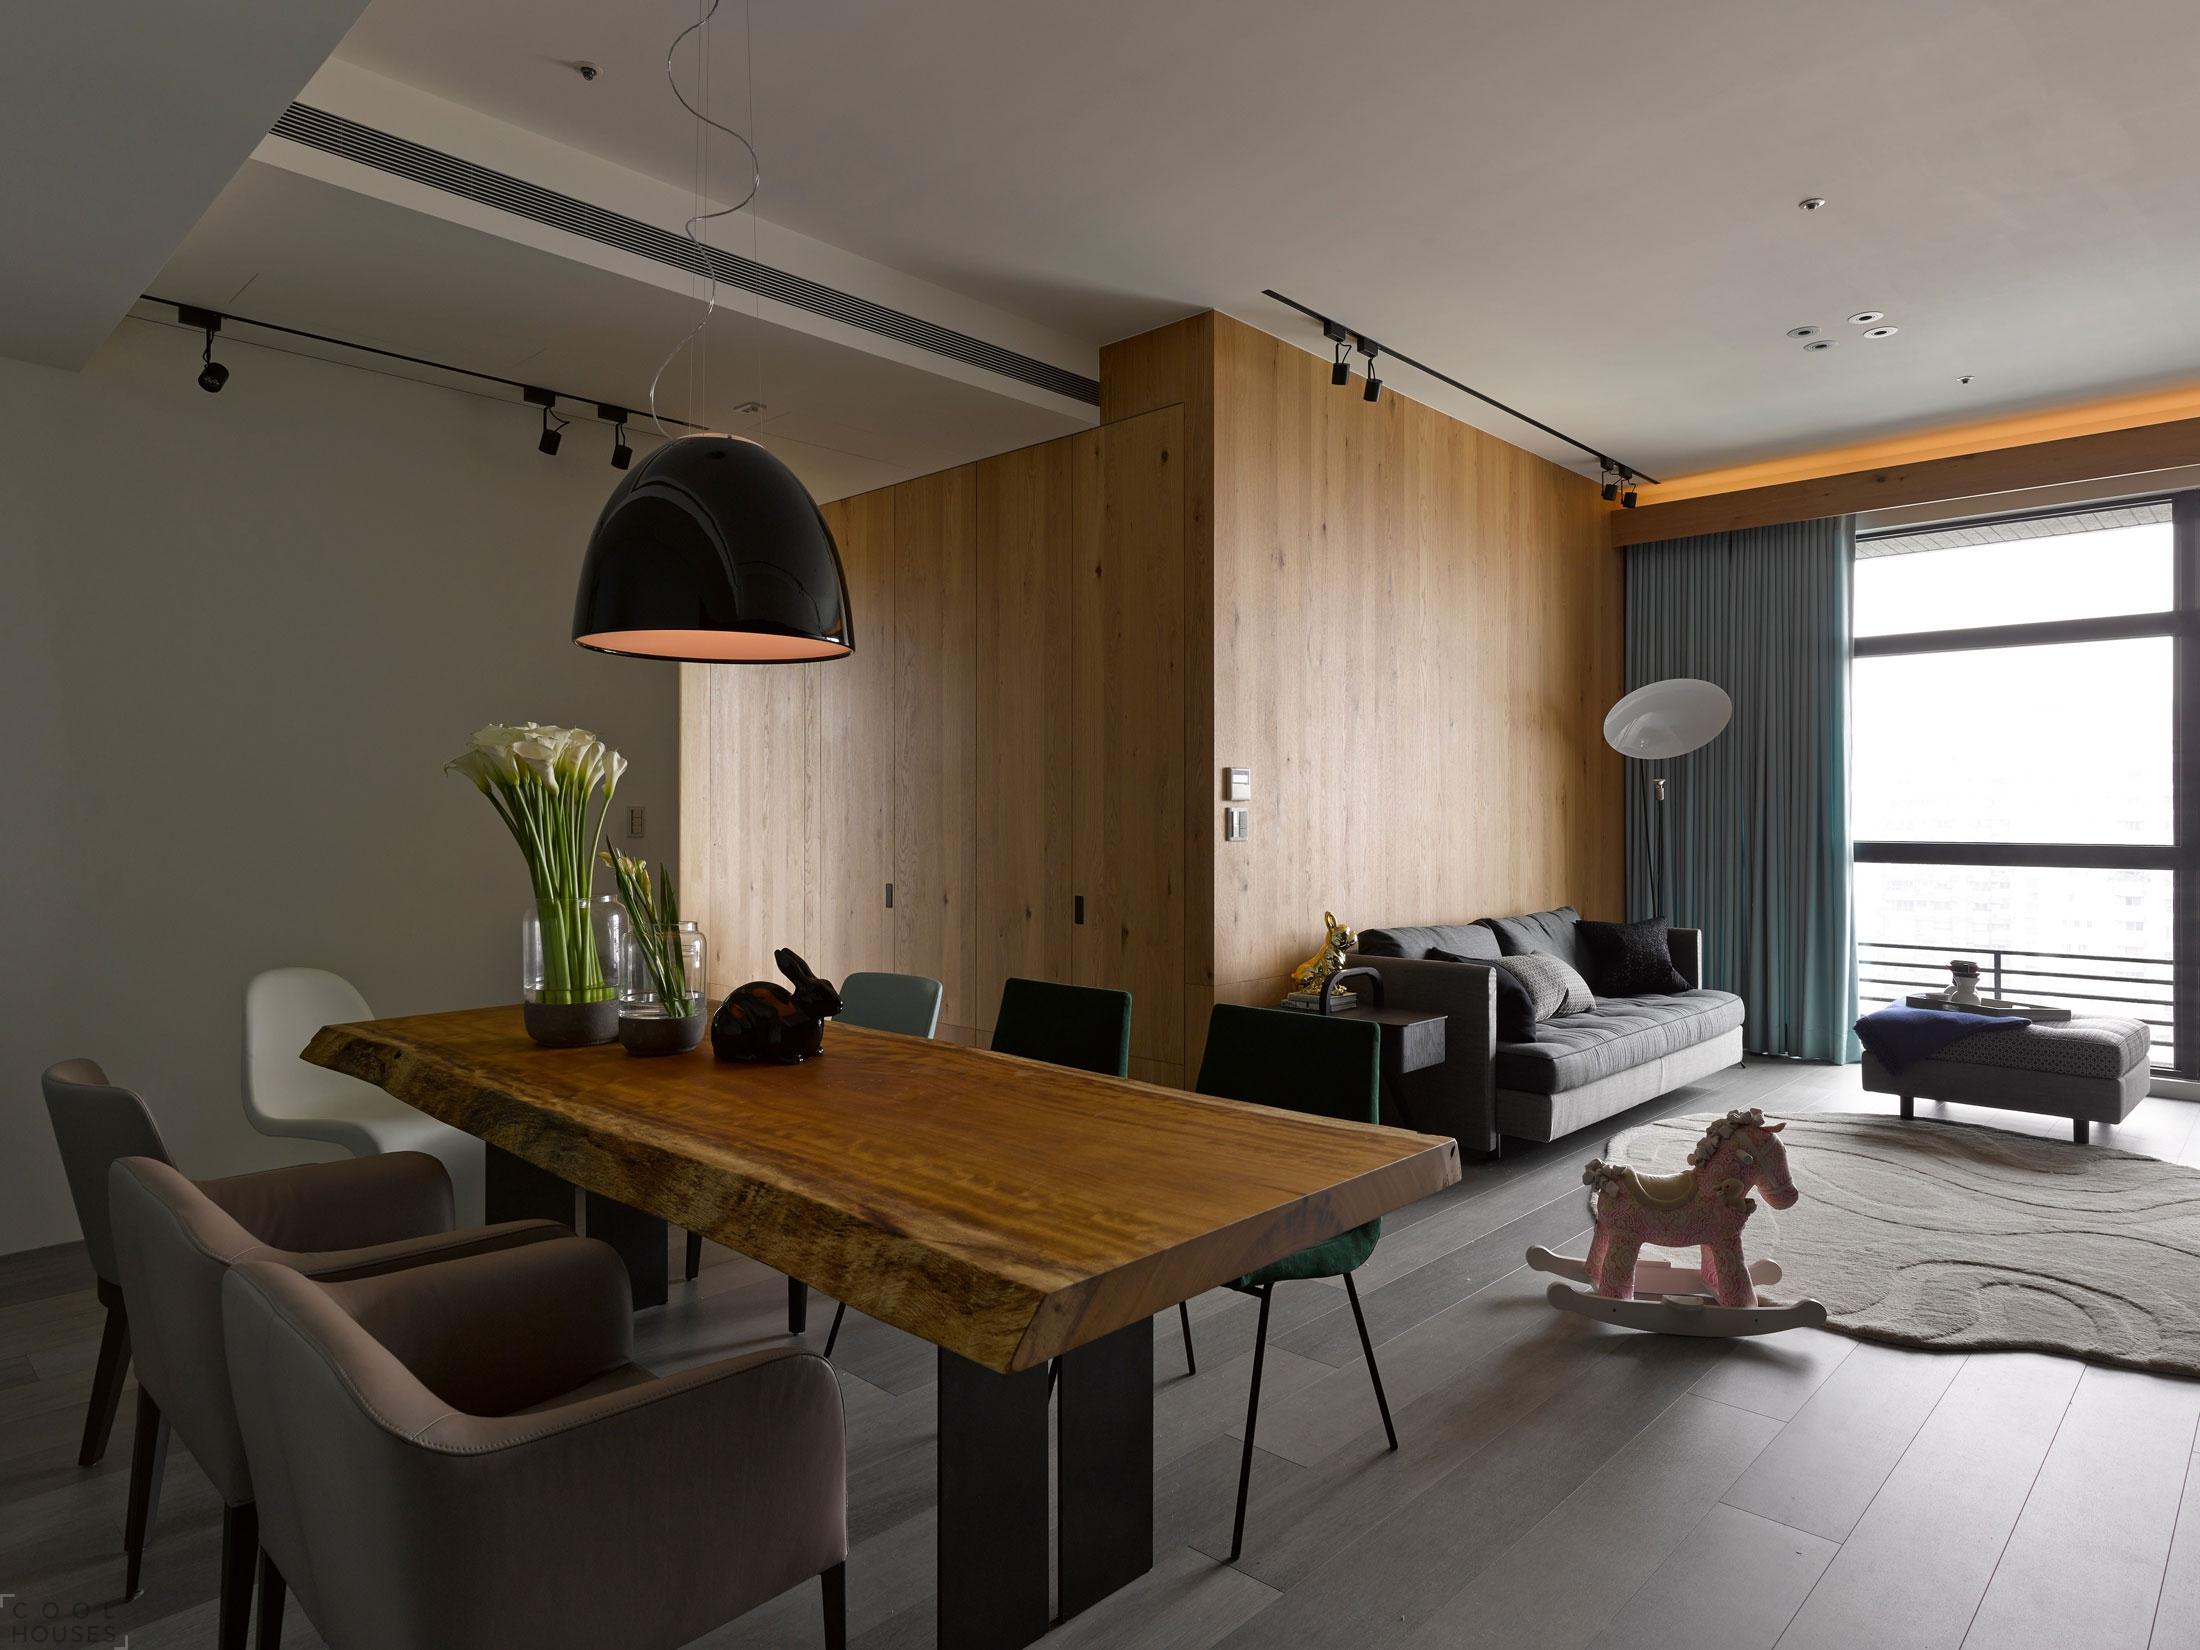 Современная трехкомнатная квартира в городе Тайбэй, Тайвань